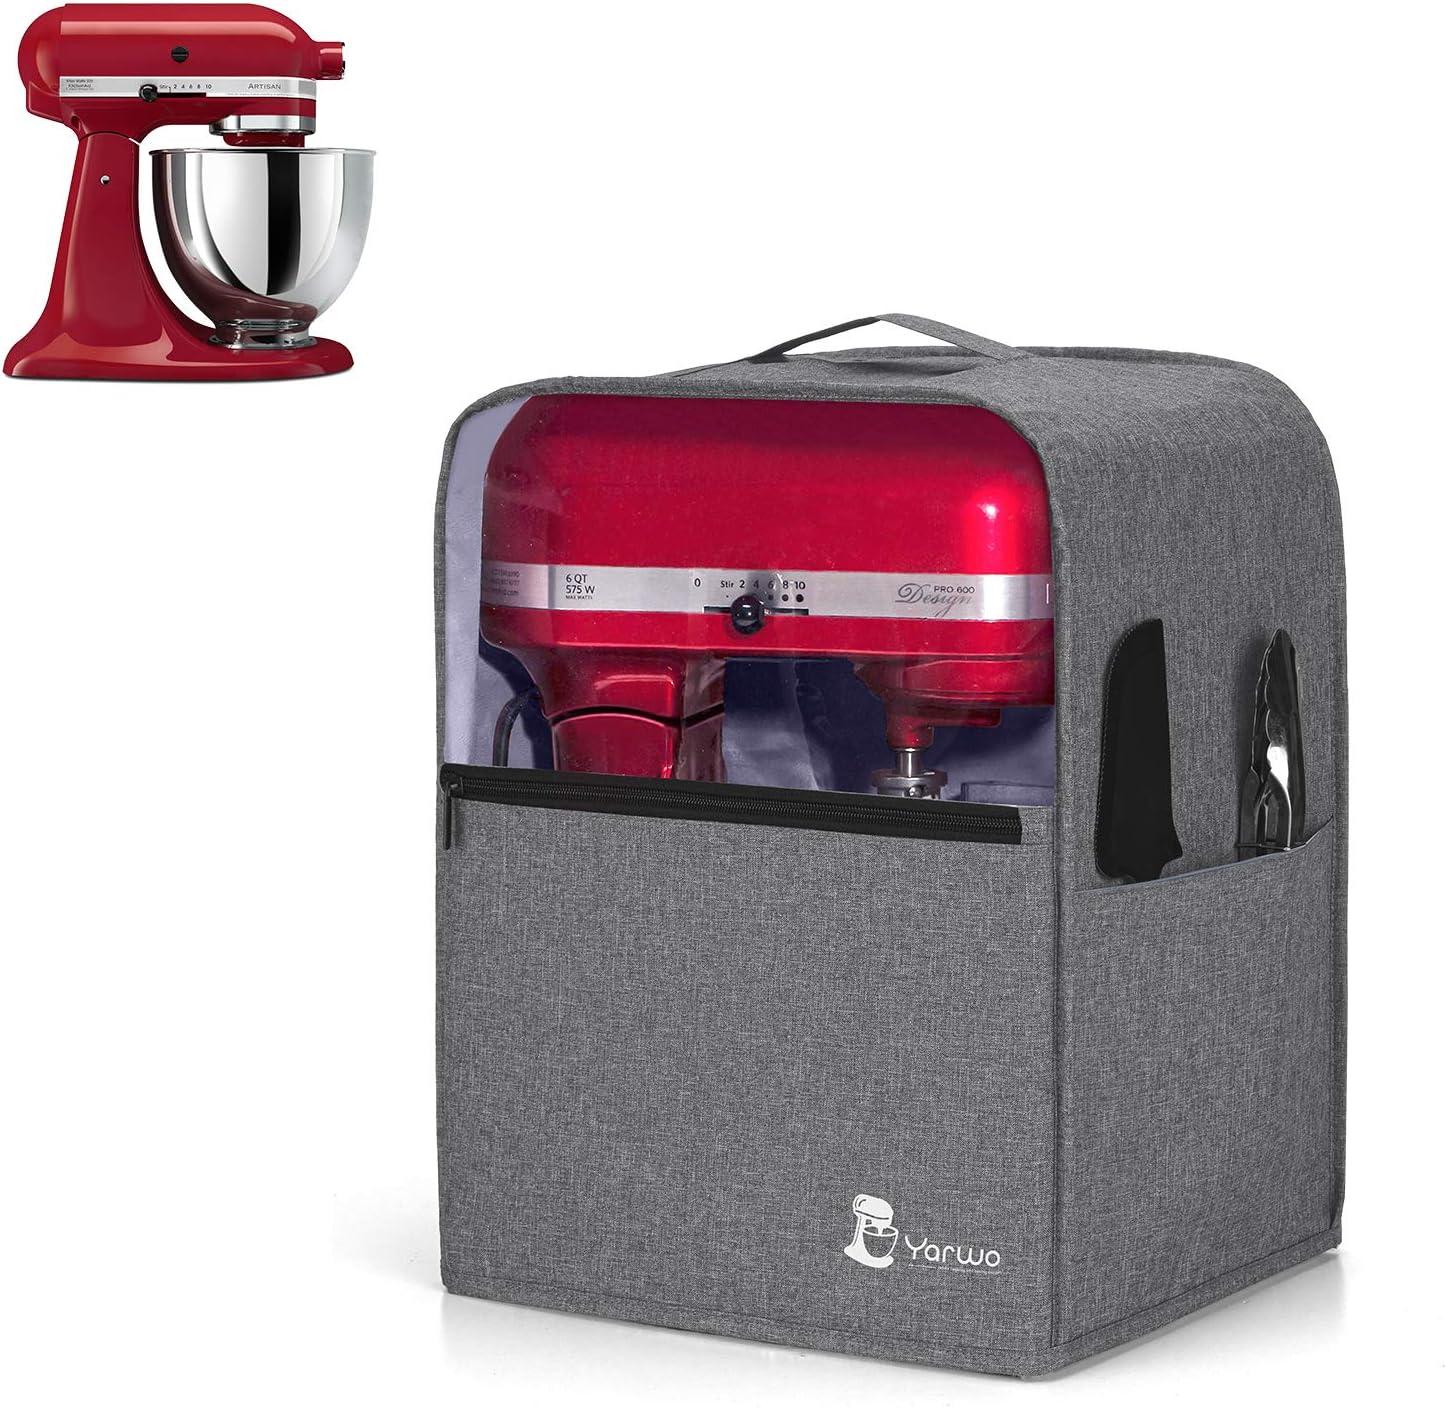 Housse pour Batteur sur Socle Yarwo Housse de Protection pour KitchenAid Robot Convient pour Le Batteur sur Socle de 4,3 litres et Tous Les 4,8 litres Noir